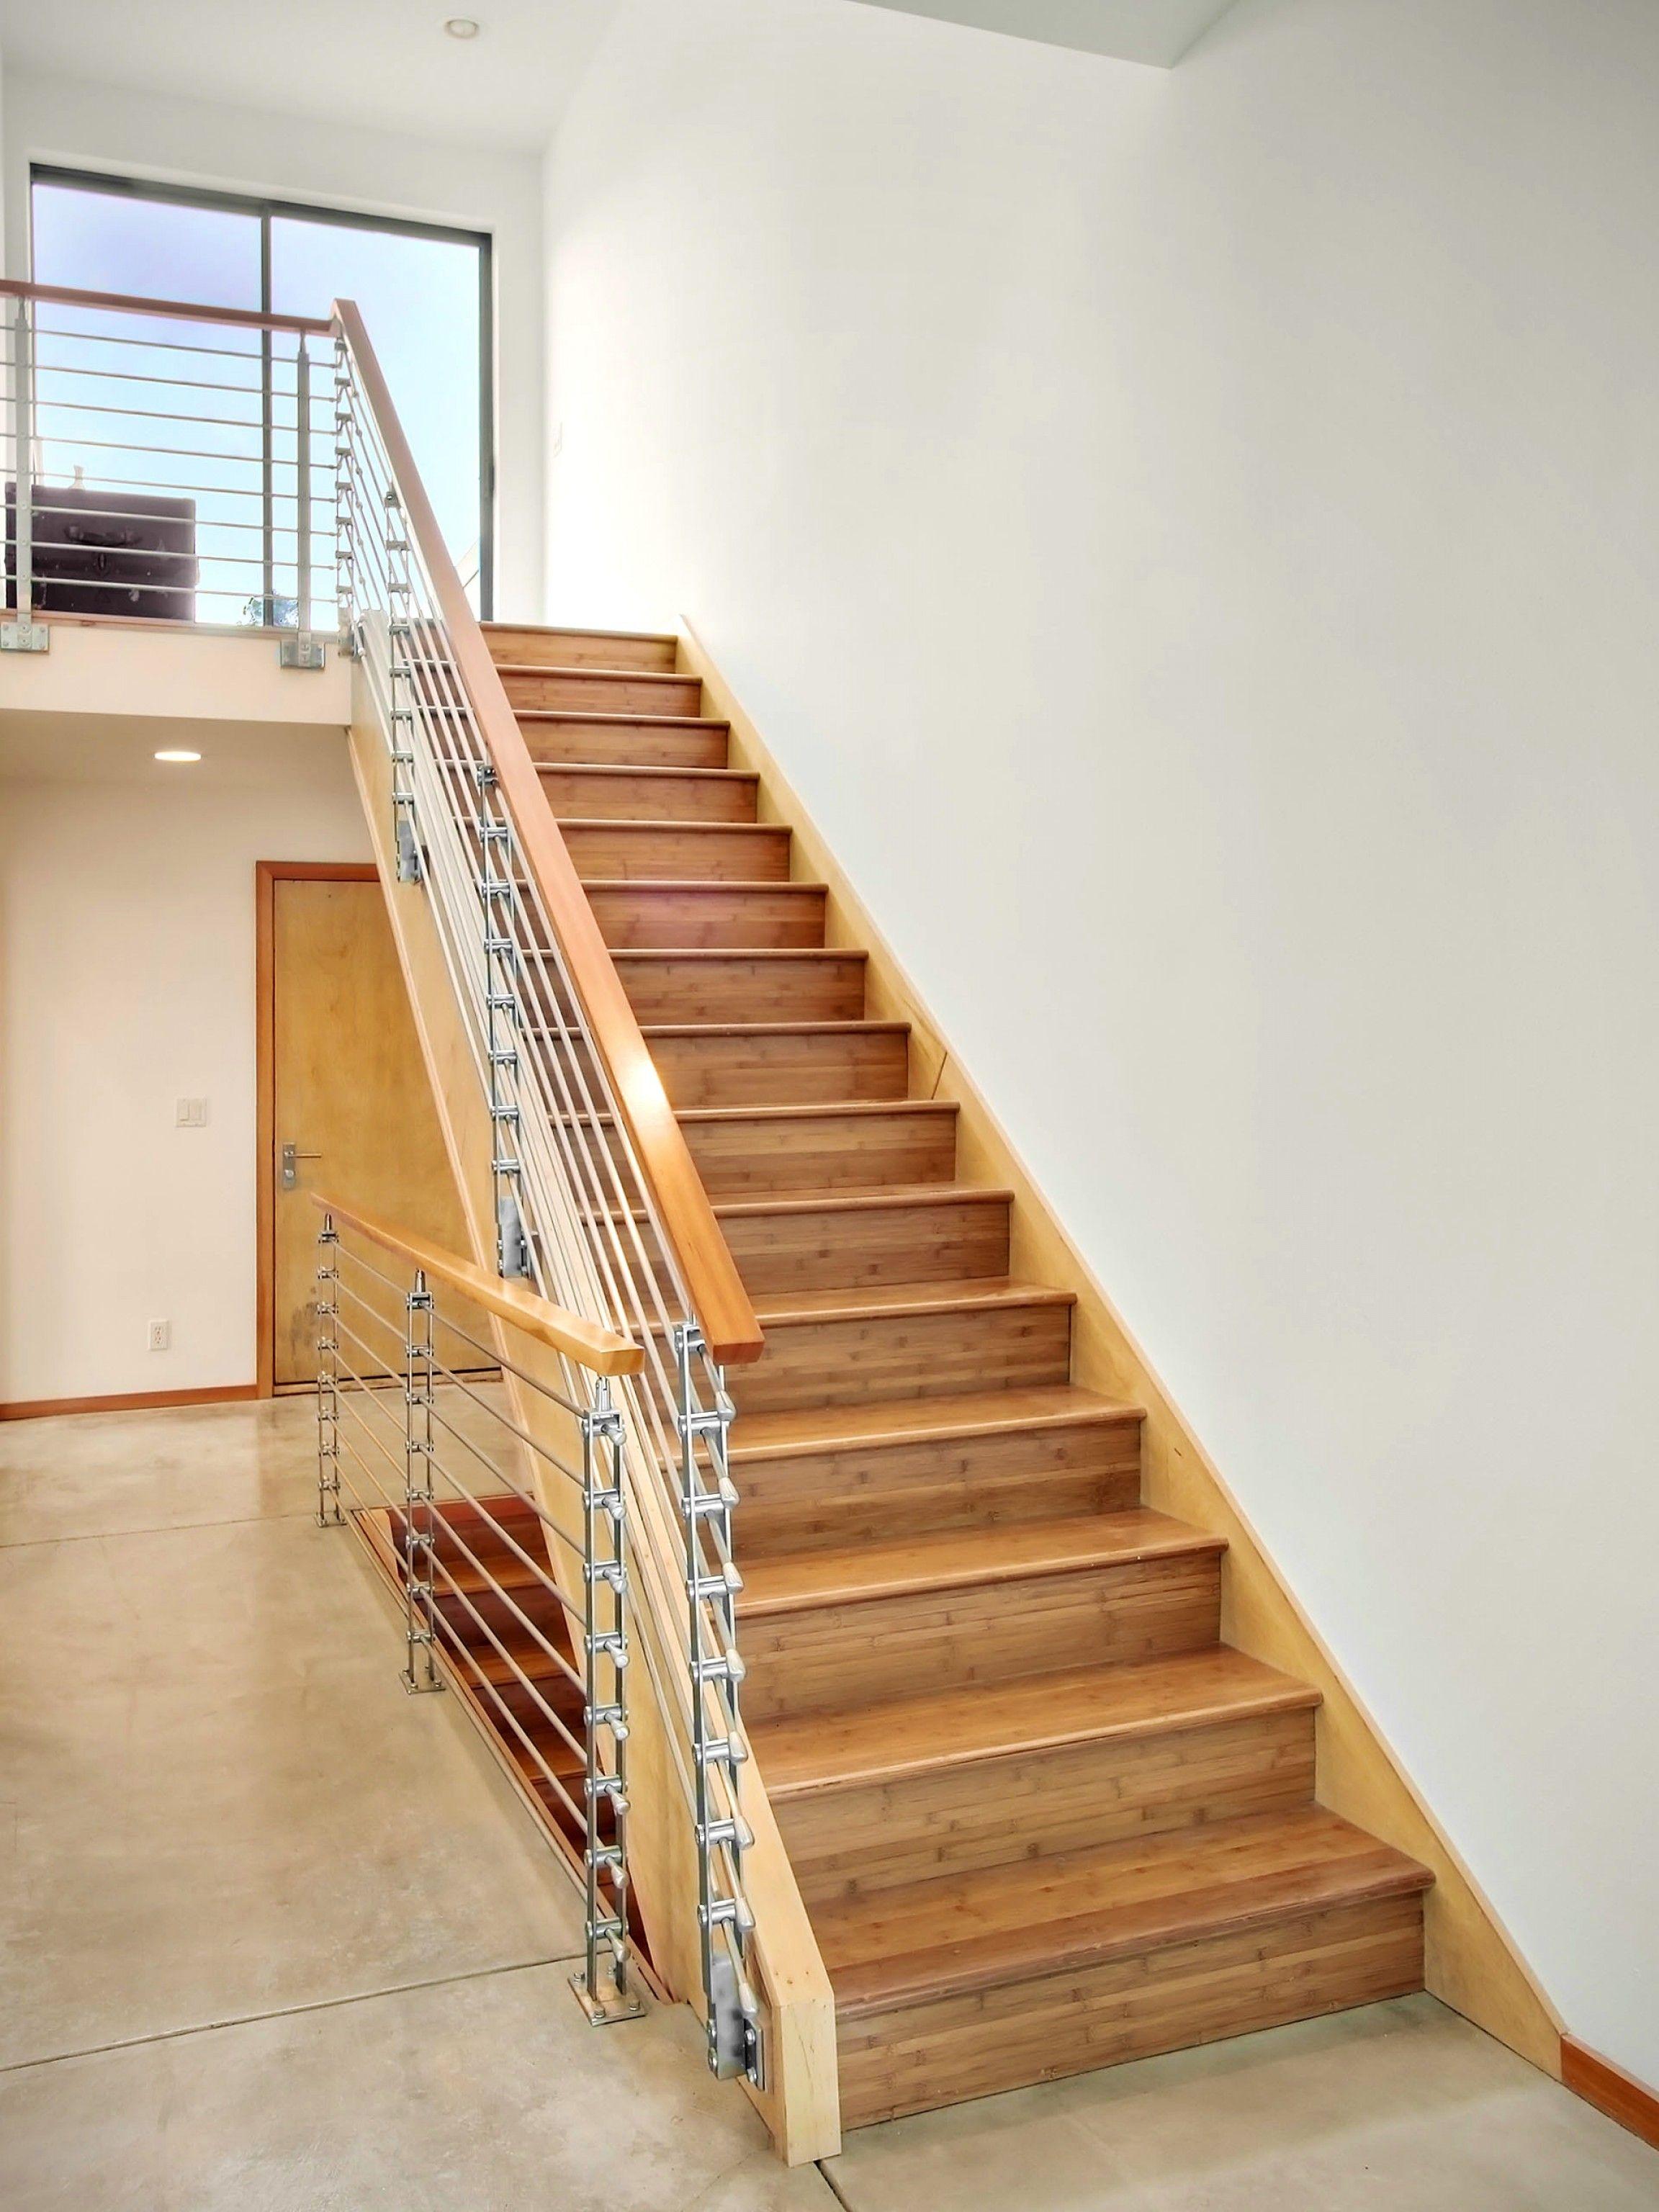 Interior Wood Stairs: Pleasant Modern Wood Stair Railings Design ...